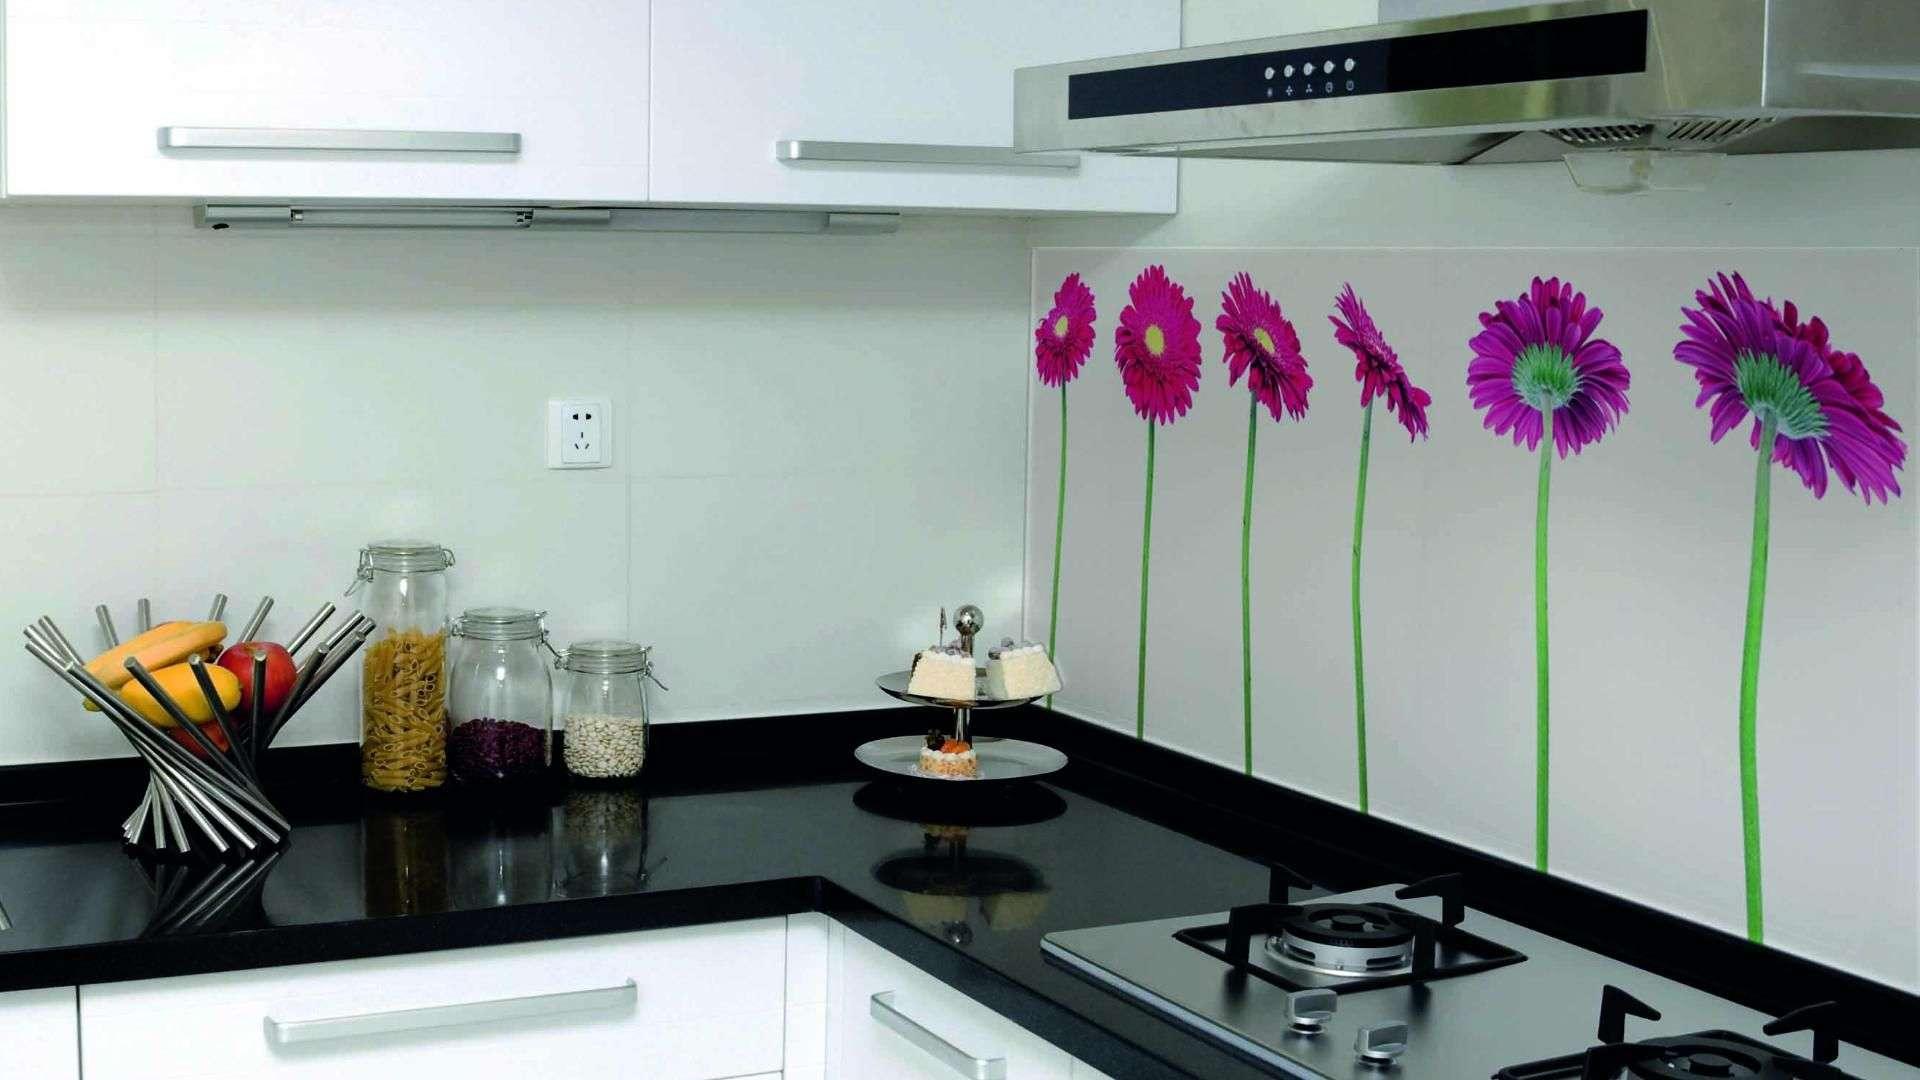 Glasrückwand als Spritzschutz in einer Küche